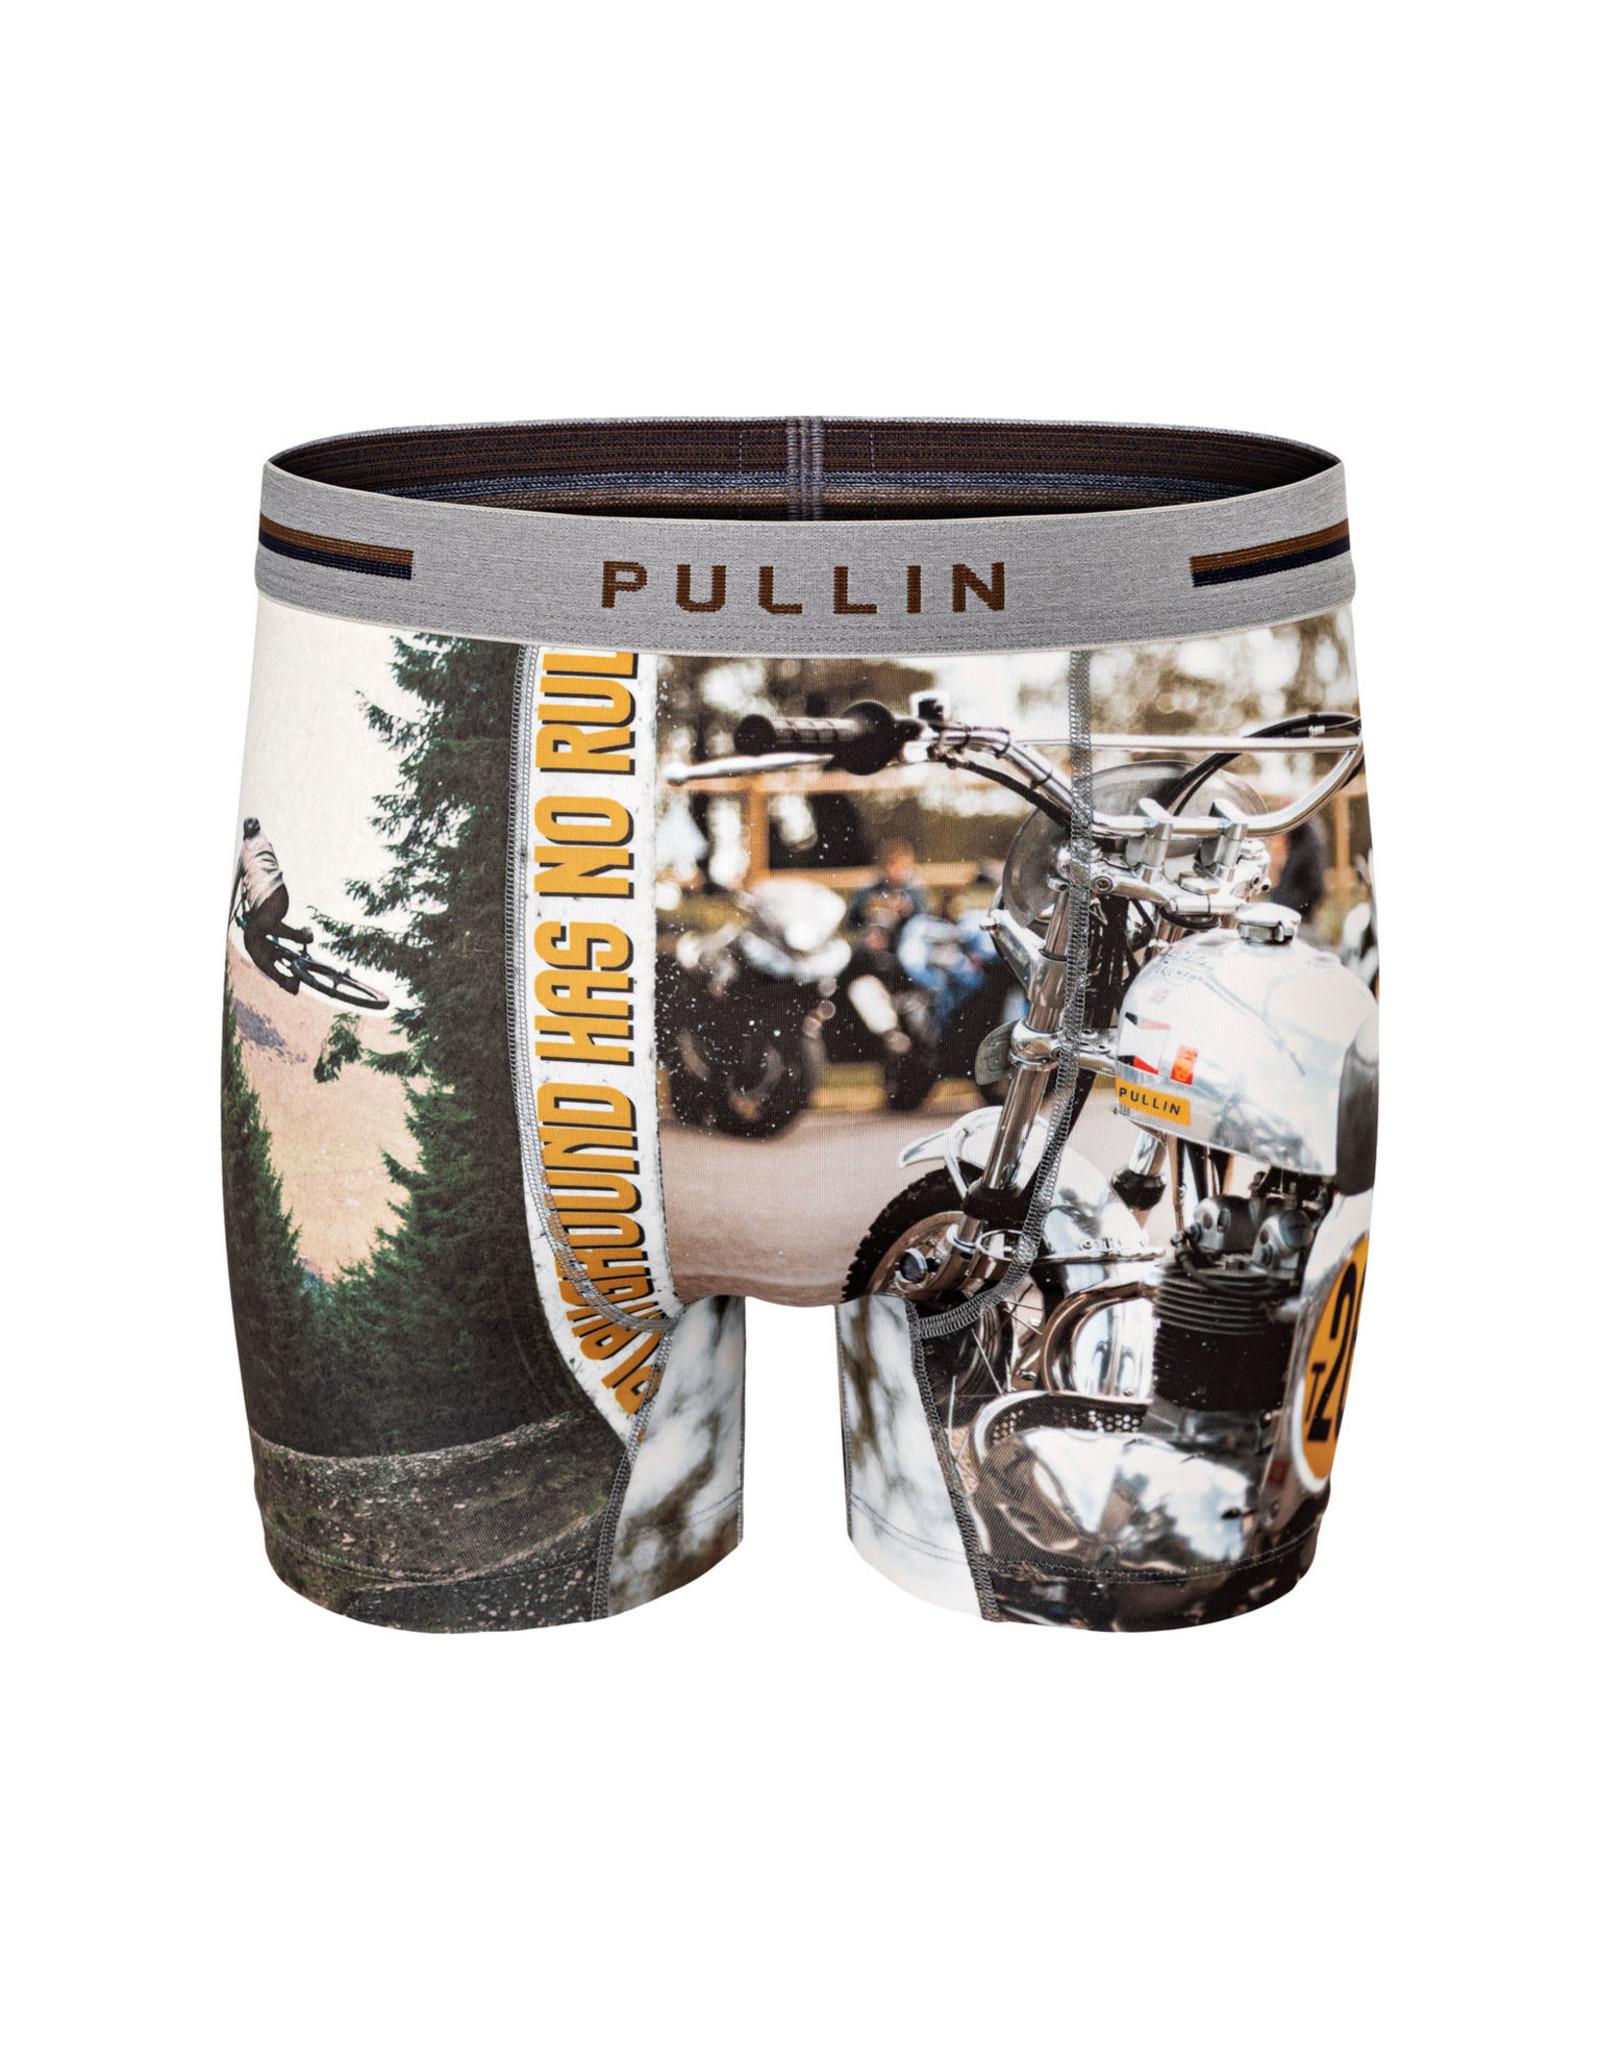 Pullin SOUS-VÊTEMENT PULLIN FASHION BIKE26